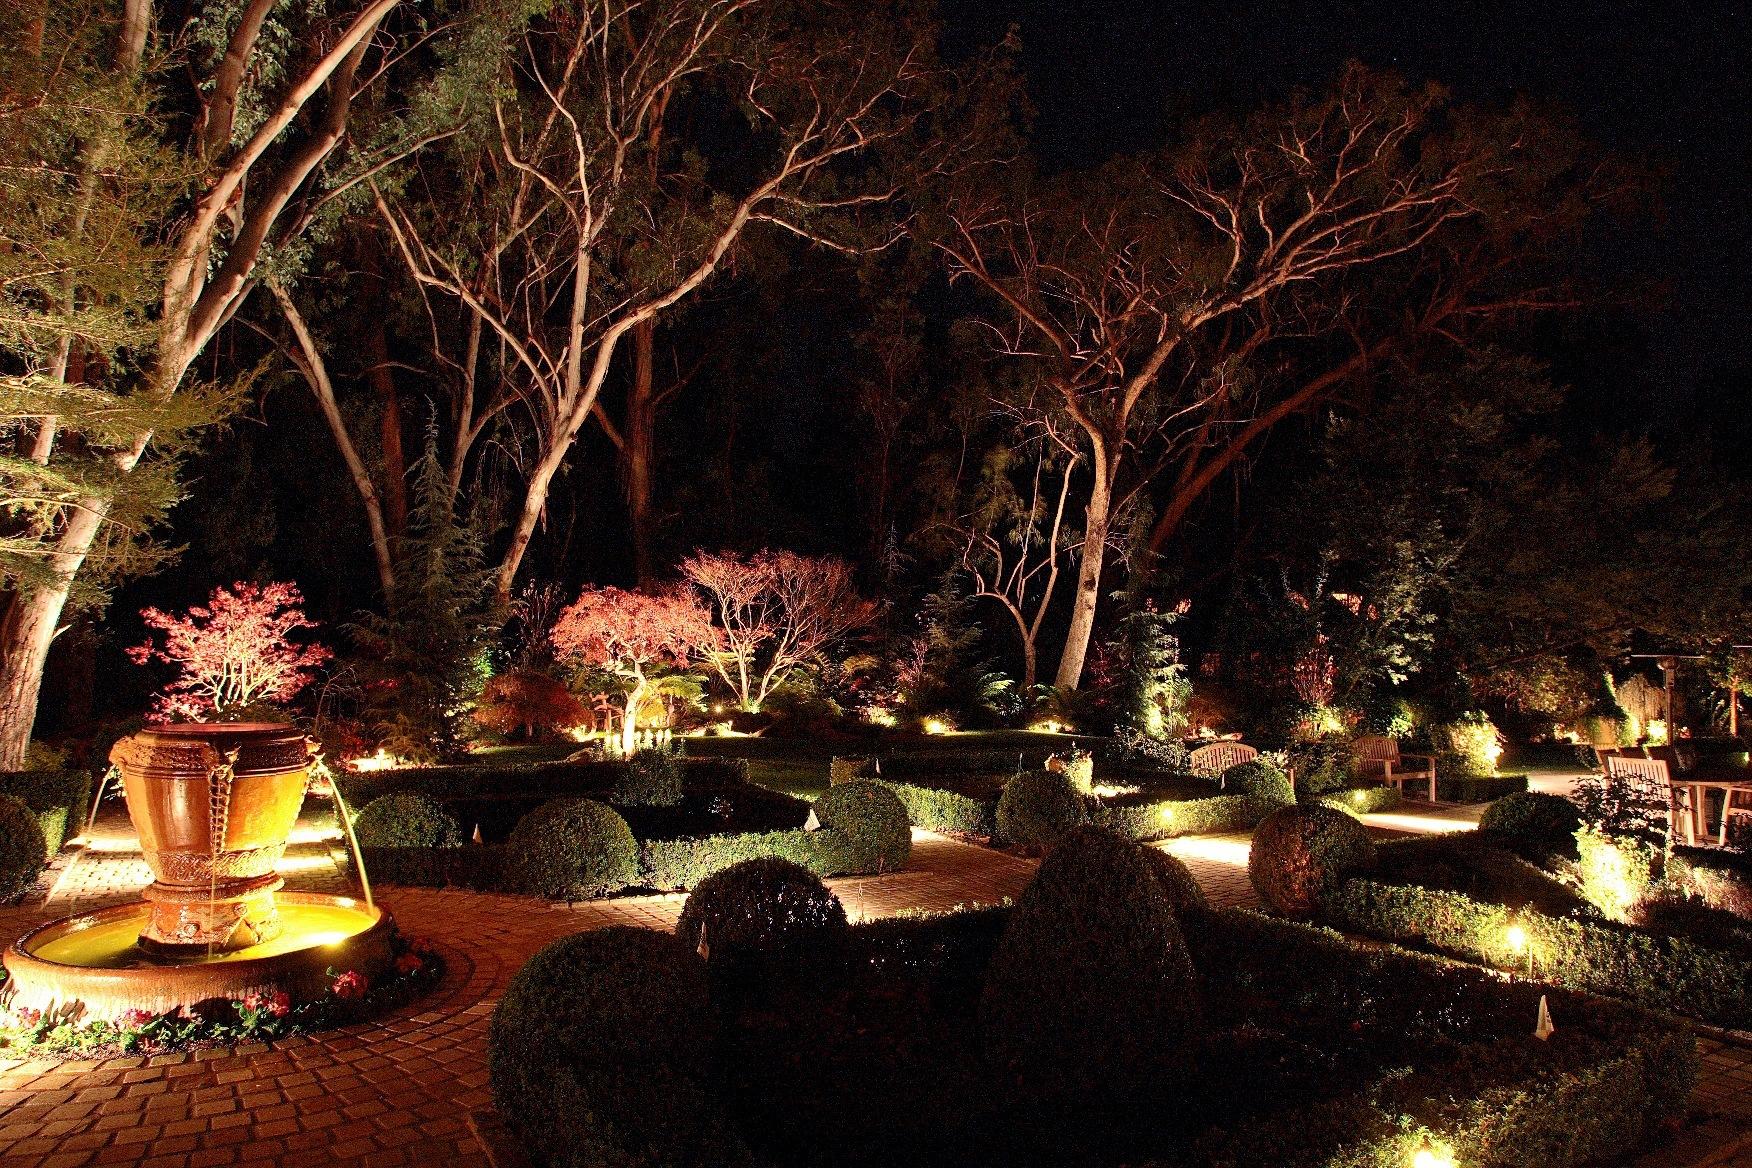 Великолепное зрелище альпийская горка будет представлять не только днем, но и ночью, если разместить между валунами, возле интересных по форме или цвету растений подсветку или светонакопительные фонарики.